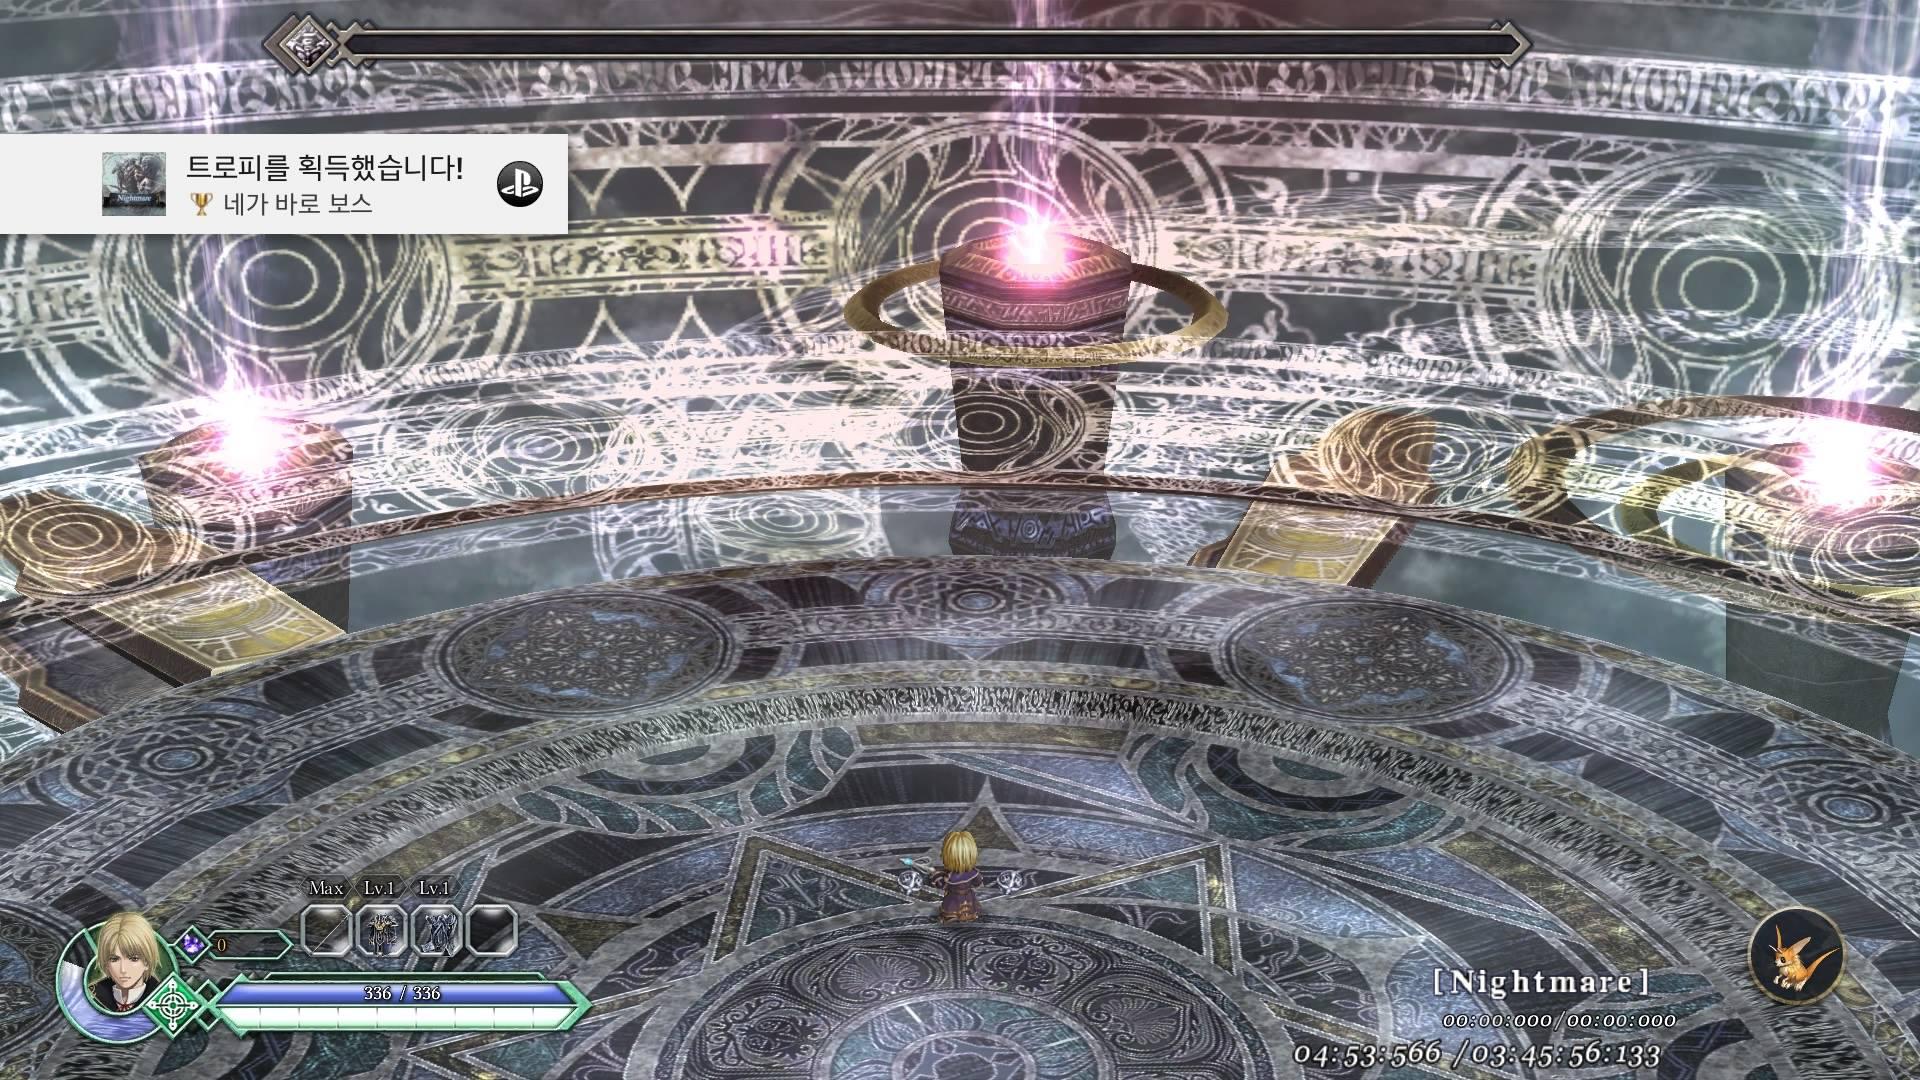 PS4 - 이스 오리진 나이트메어 보스러시 클리어